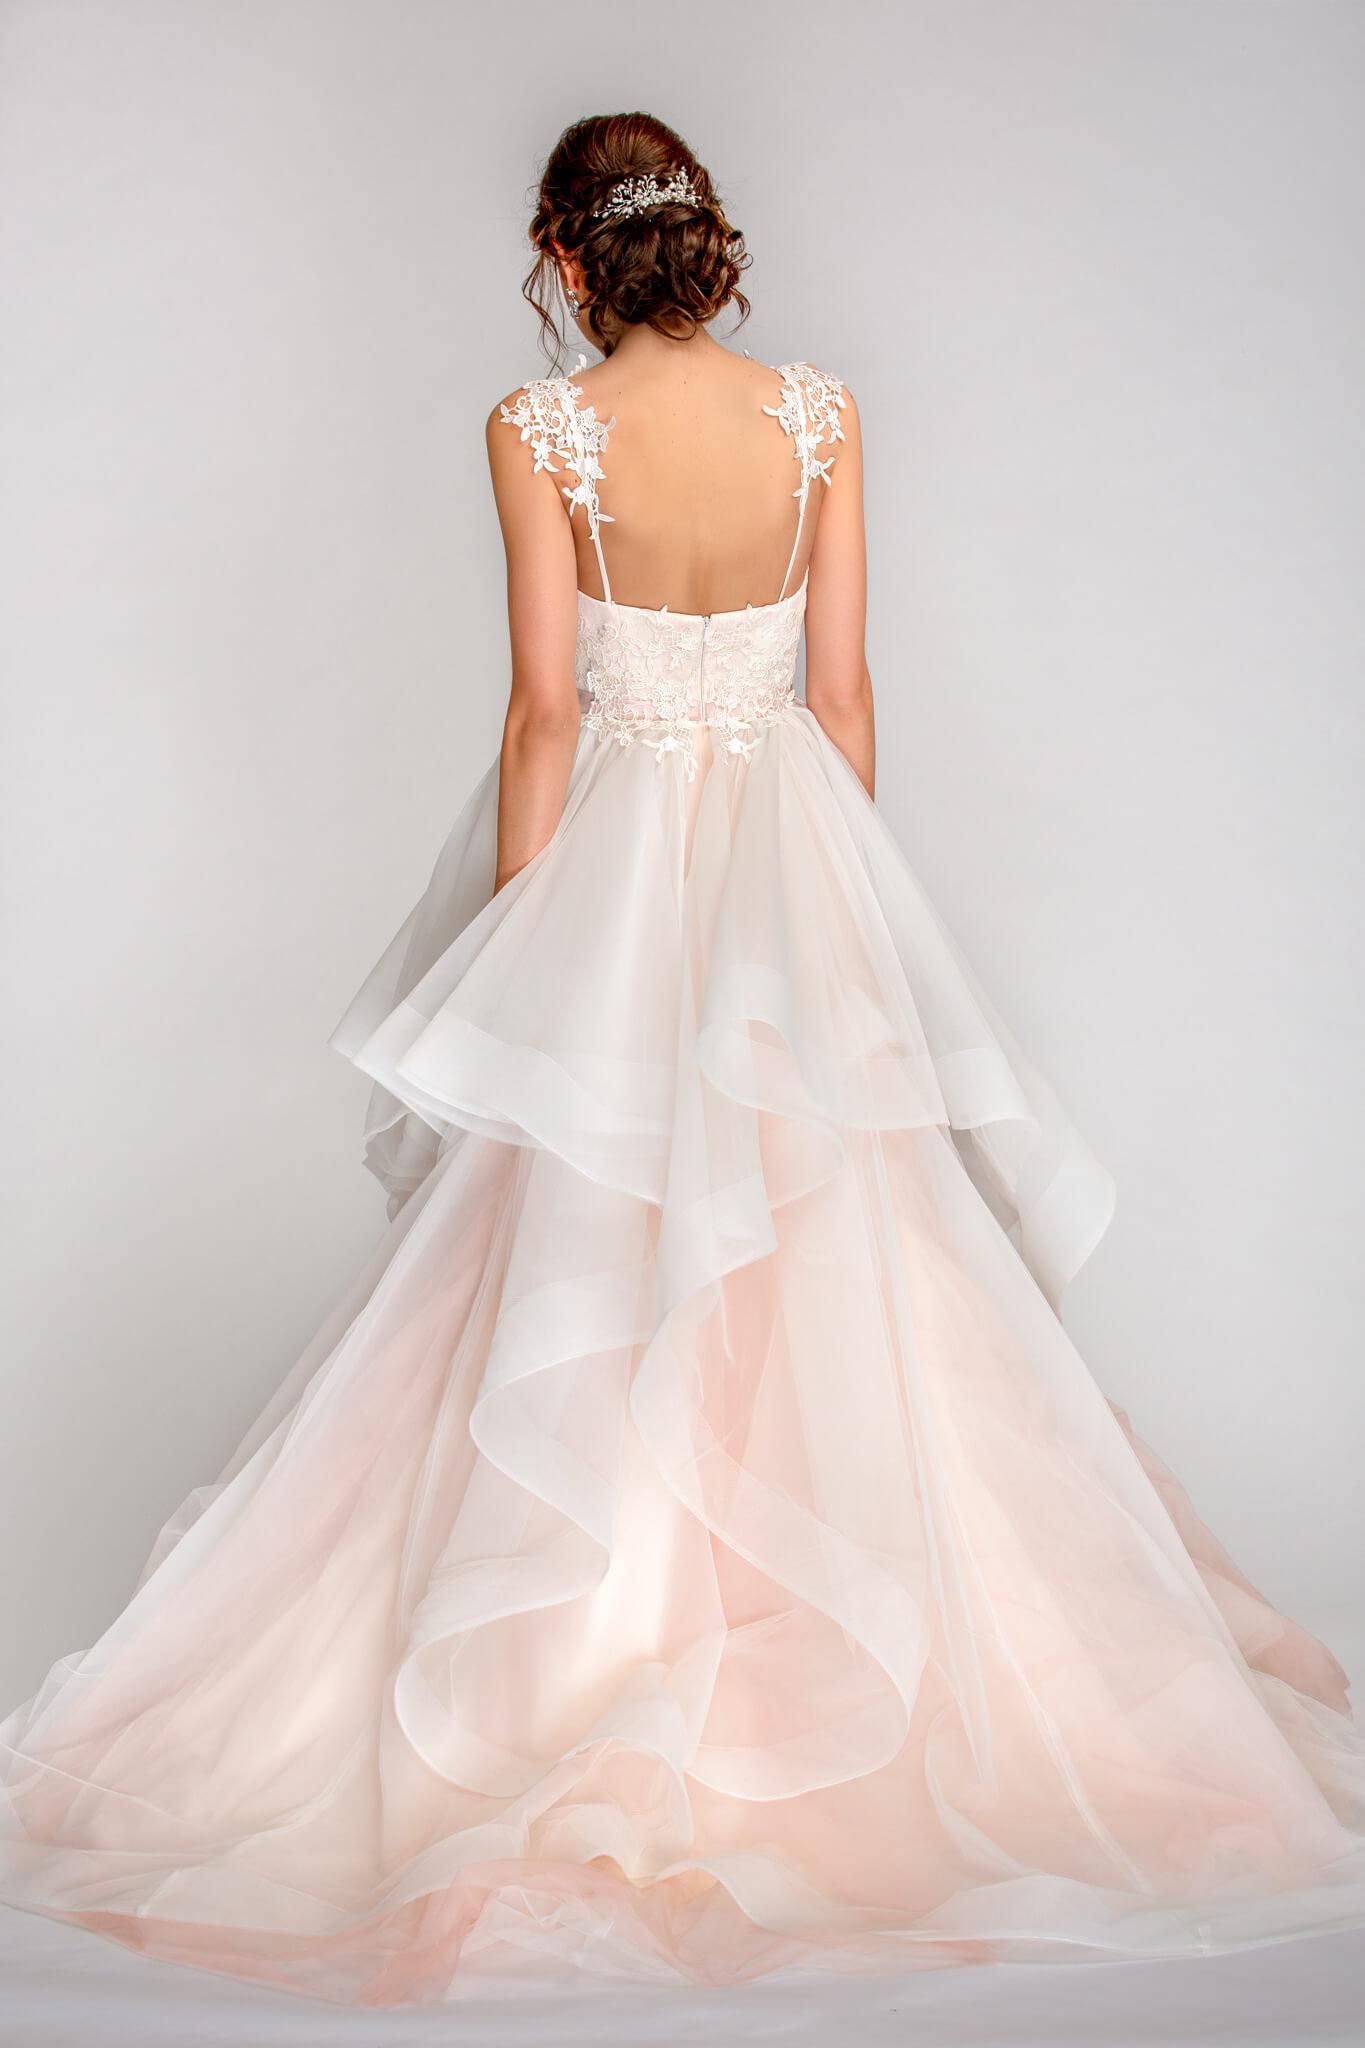 Hochzeitskleid Brautkleid Candy Bespoke Bridal Vienna10